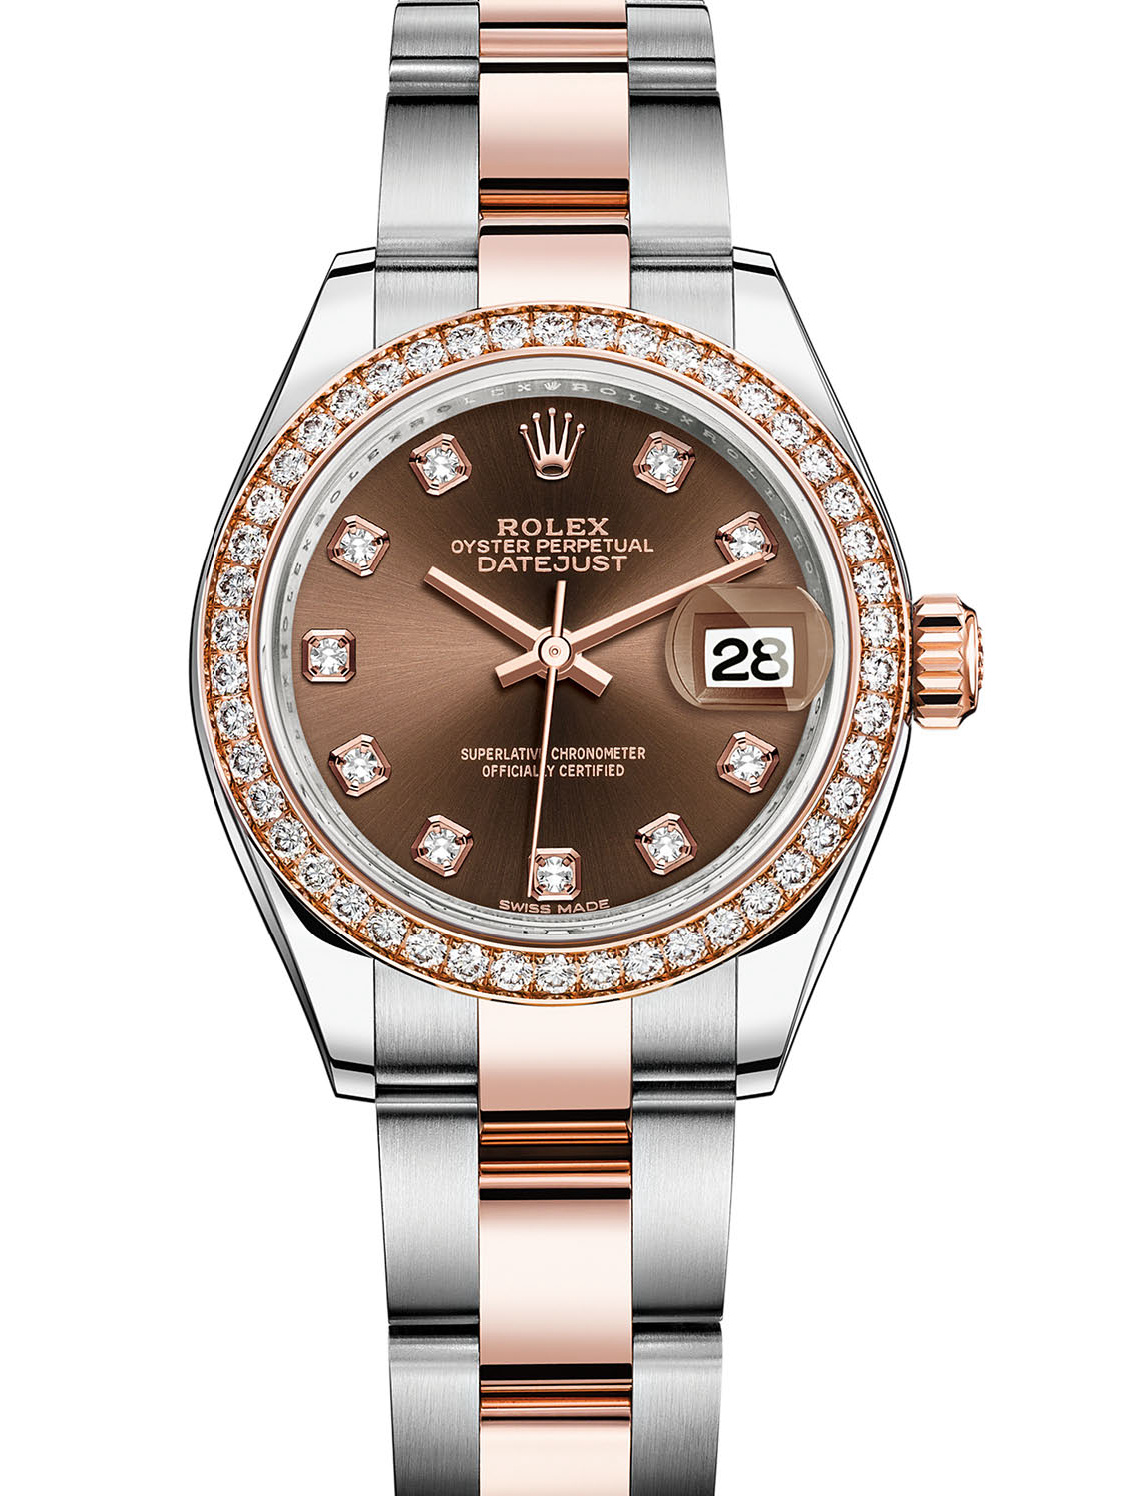 劳力士女装日志型28玫瑰金钢钻圈棕面钻标女表279381RBR-0012